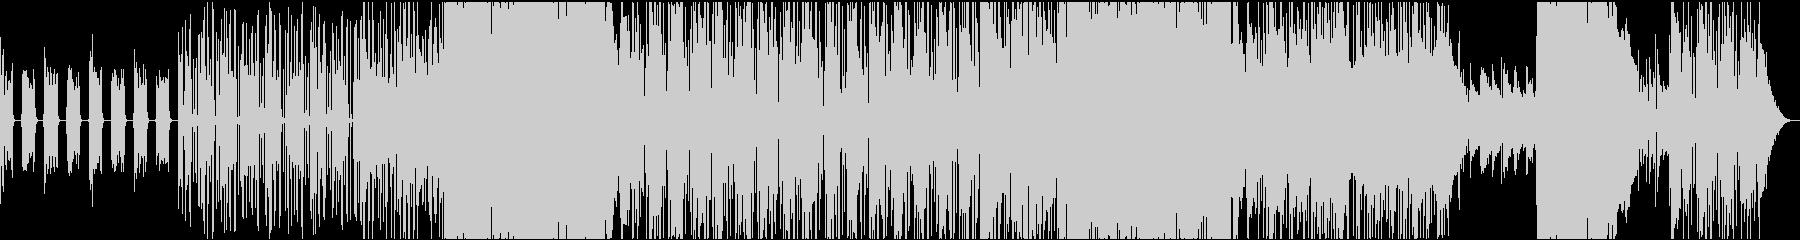 雨降るイメージのロックバラードインストの未再生の波形